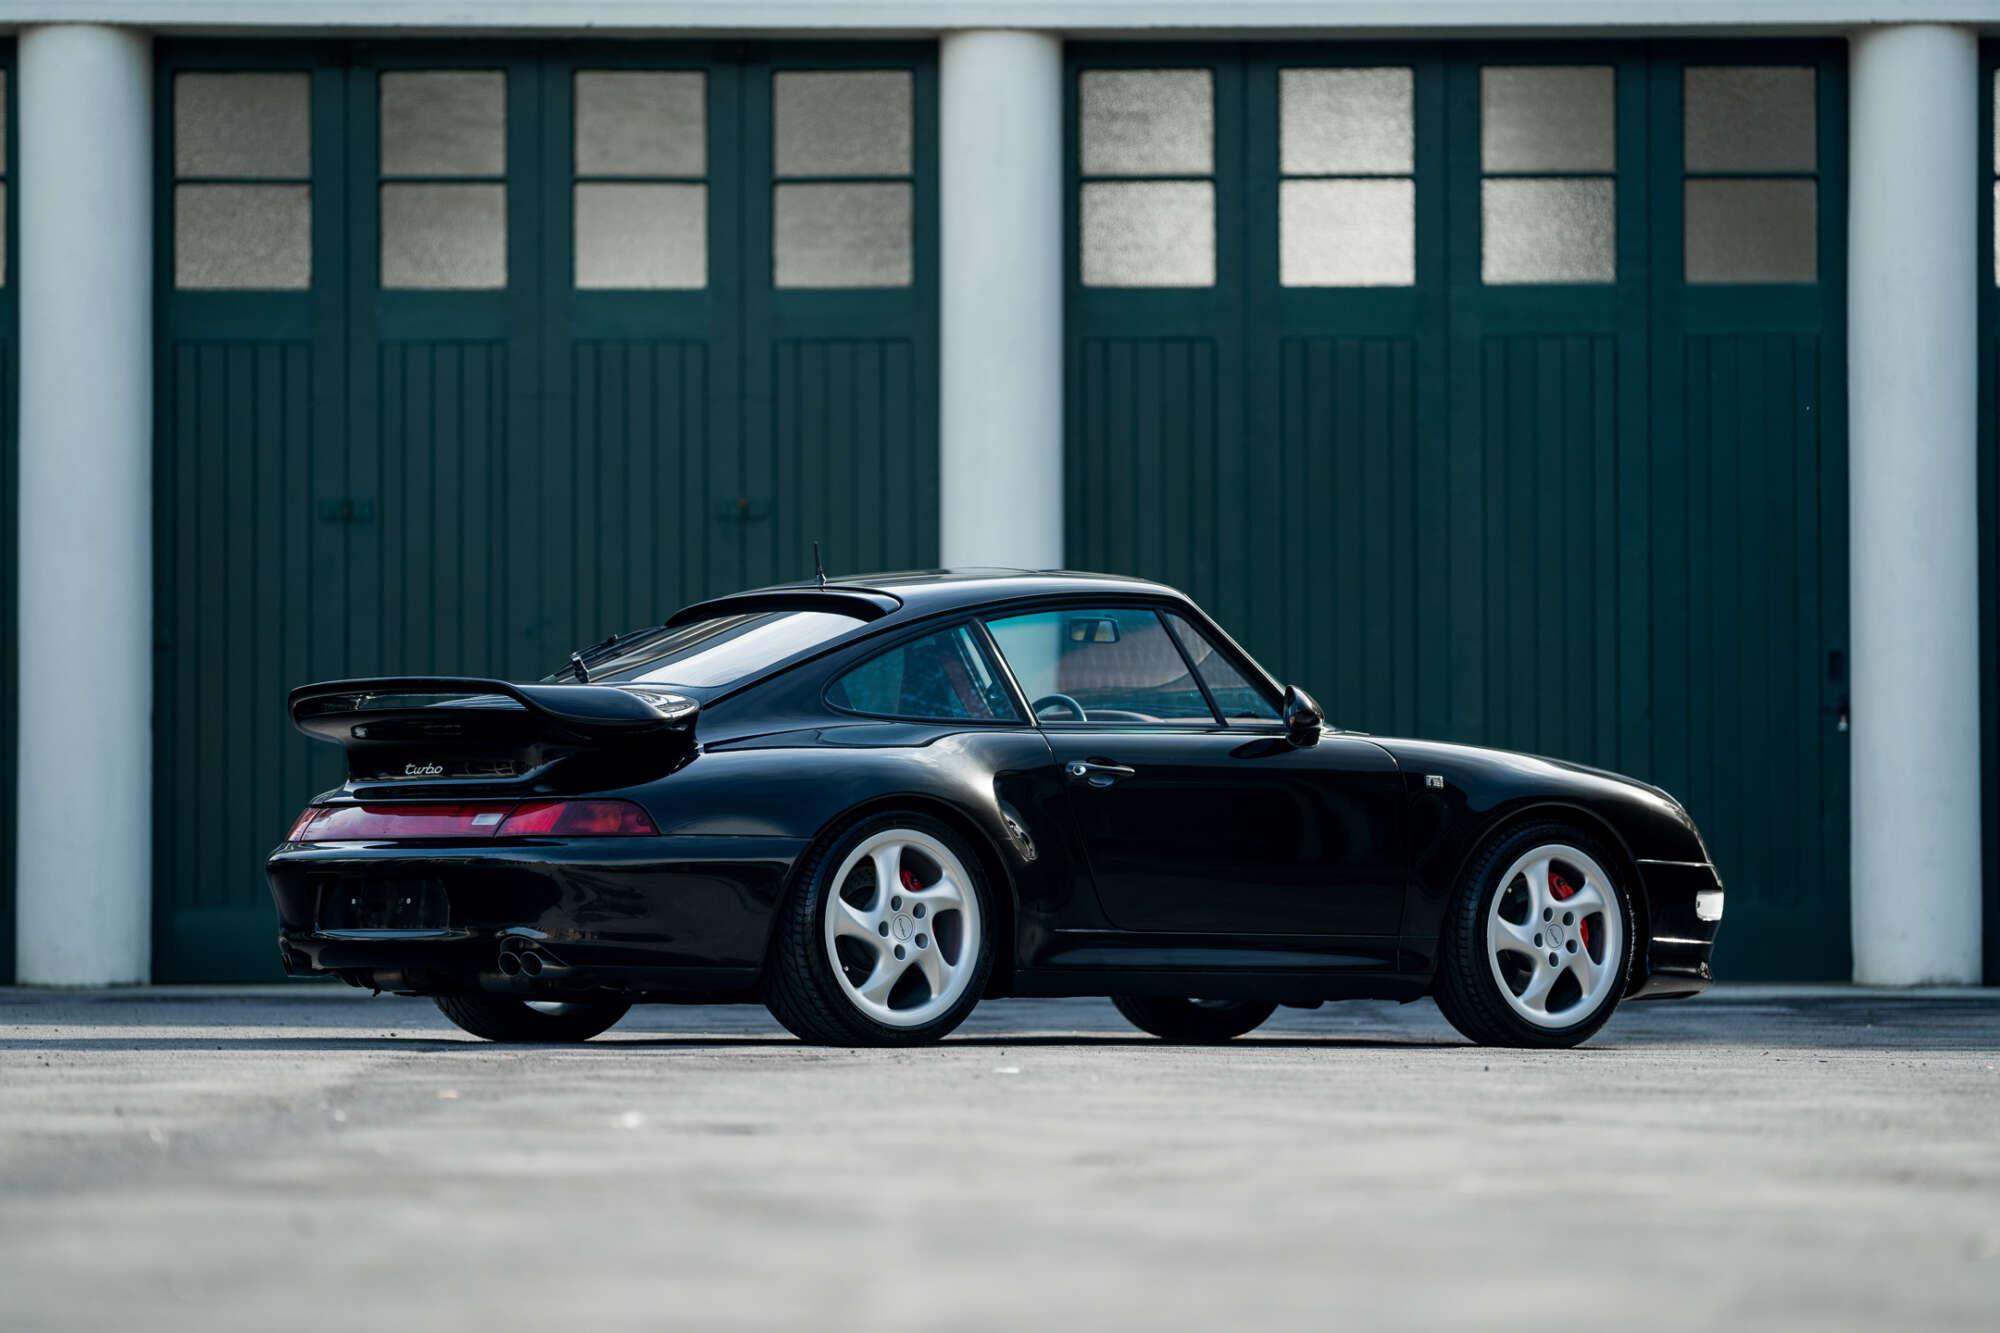 Porsche 993 Turbo WLS 2